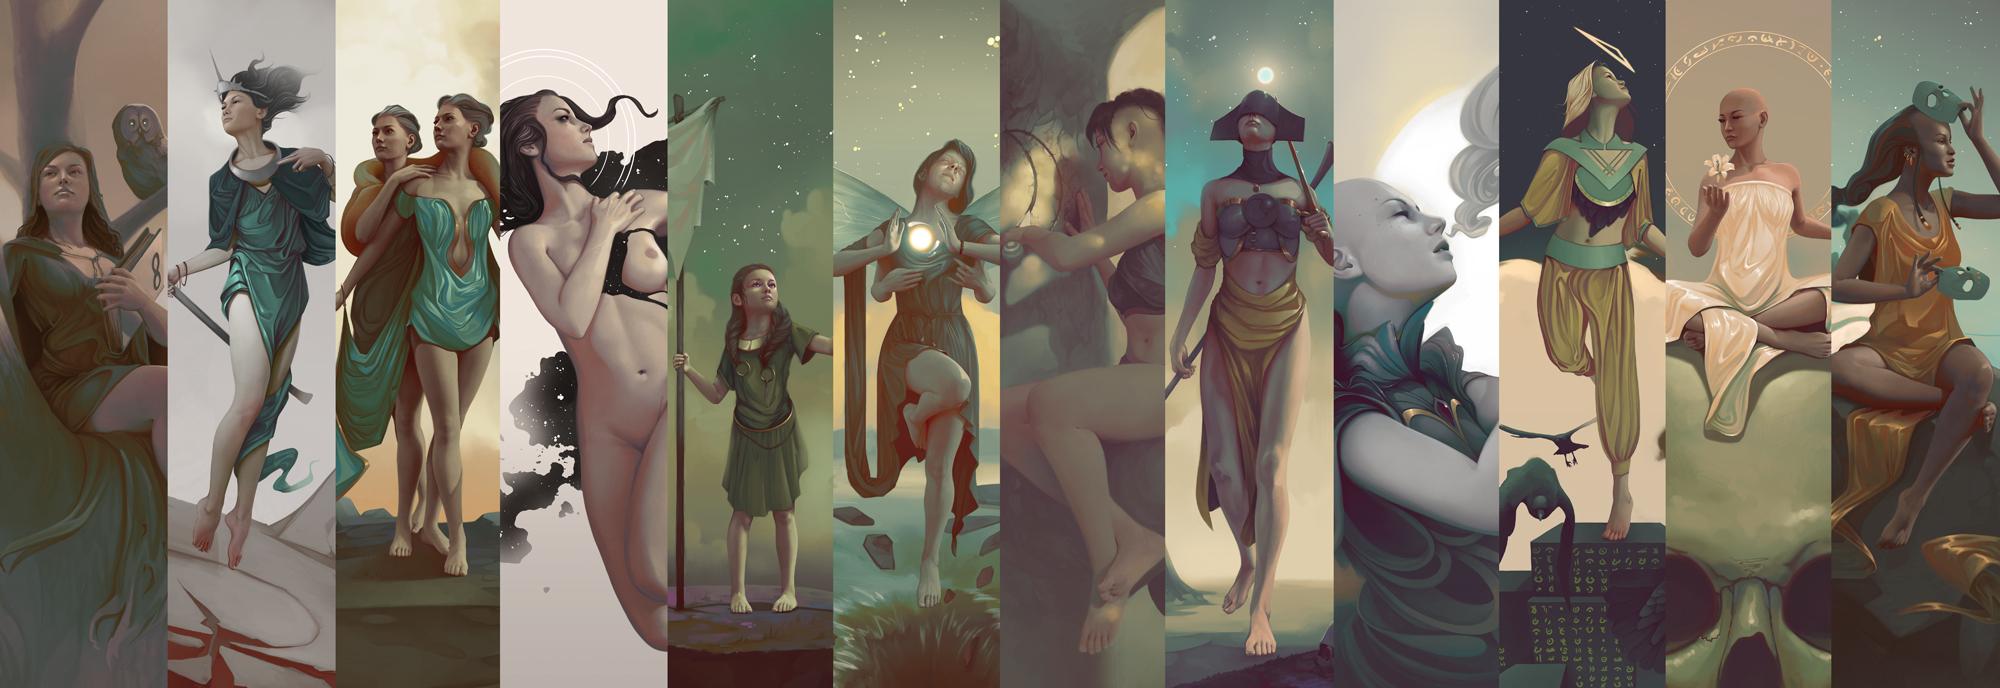 Fay's Tree Characters Web.jpg